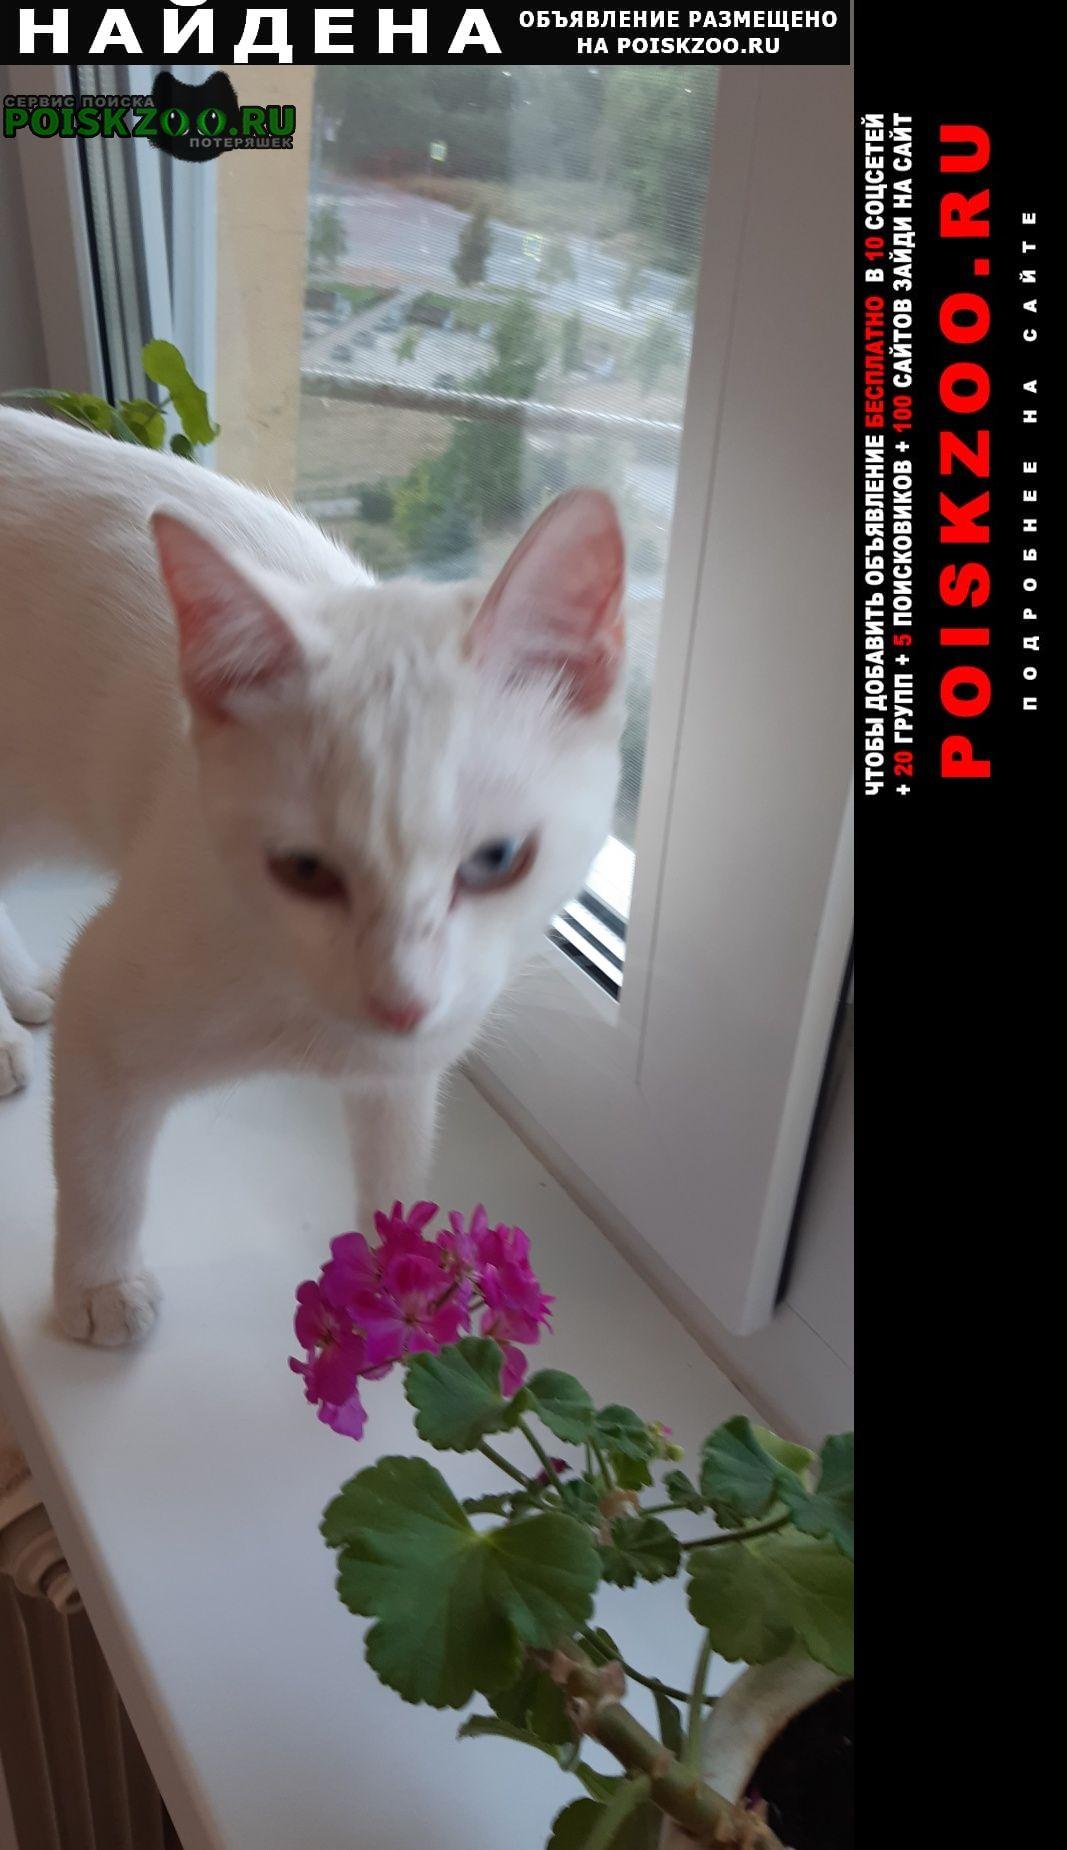 Найдена кошка.г Петродворец